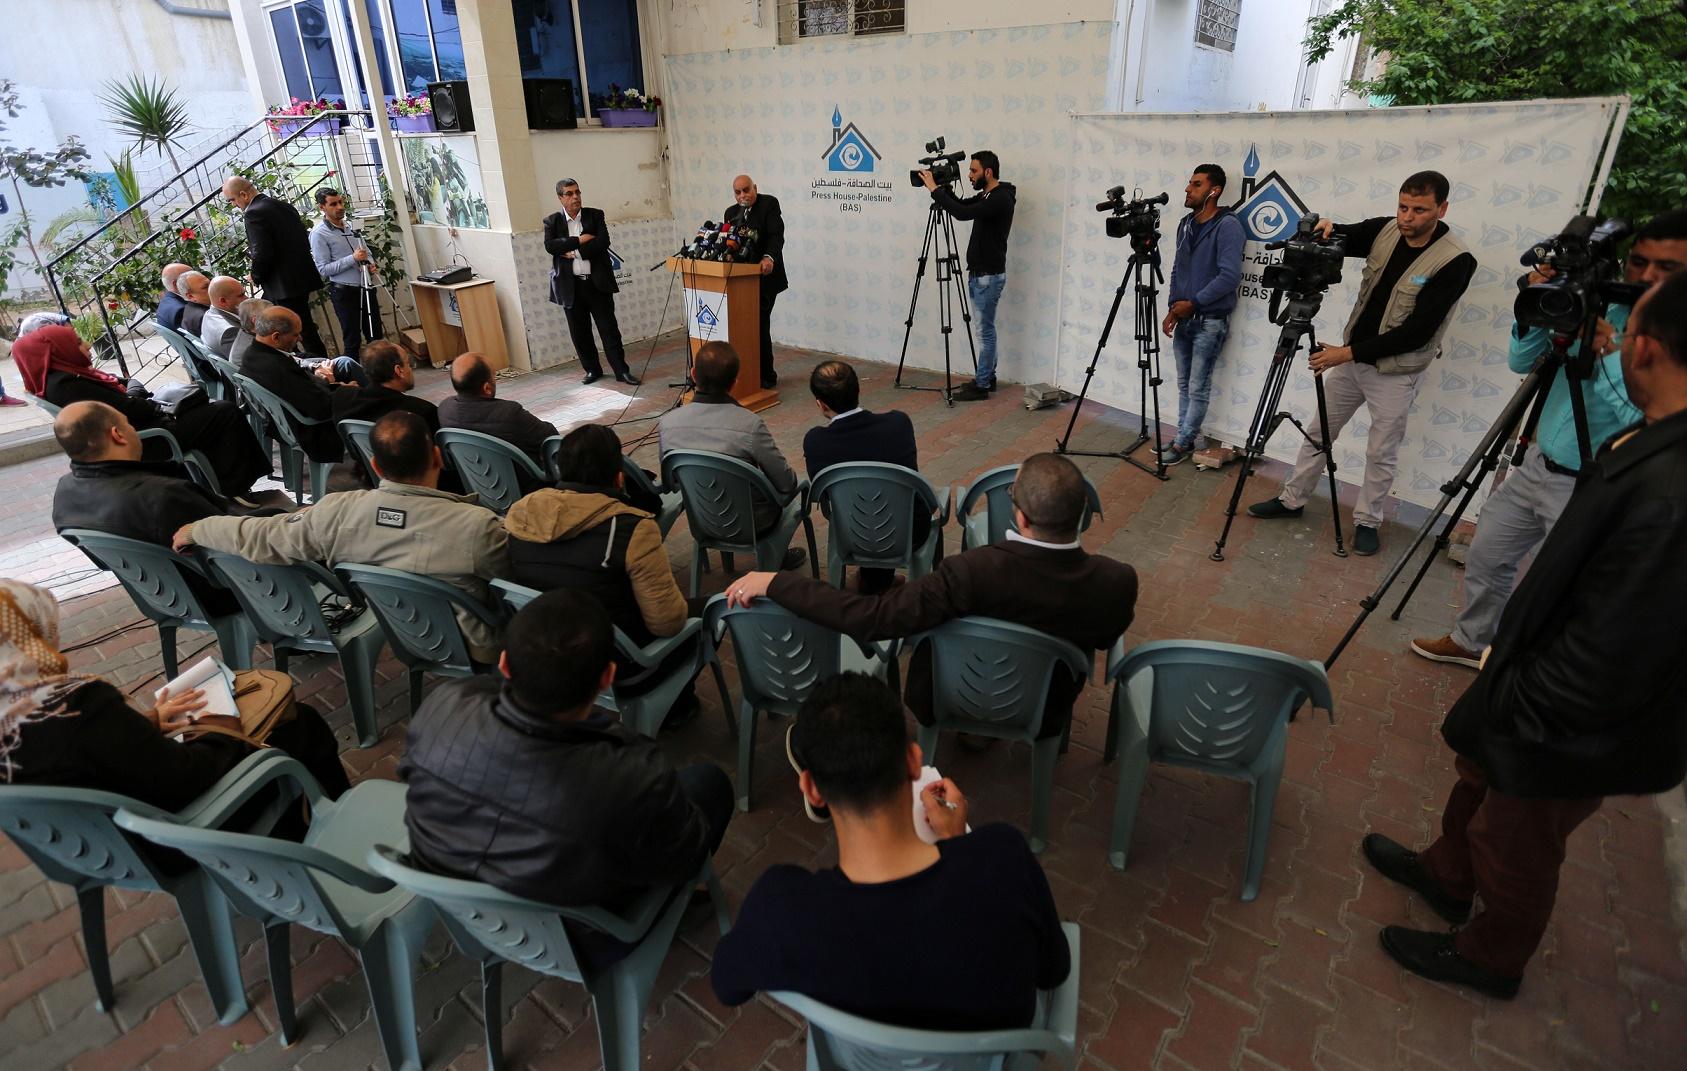 اتحاد الصناعات خلال مؤتمر صحفي ببيت الصحافة: تسريح 70% من العاملين في القطاع الصناعي بغزة